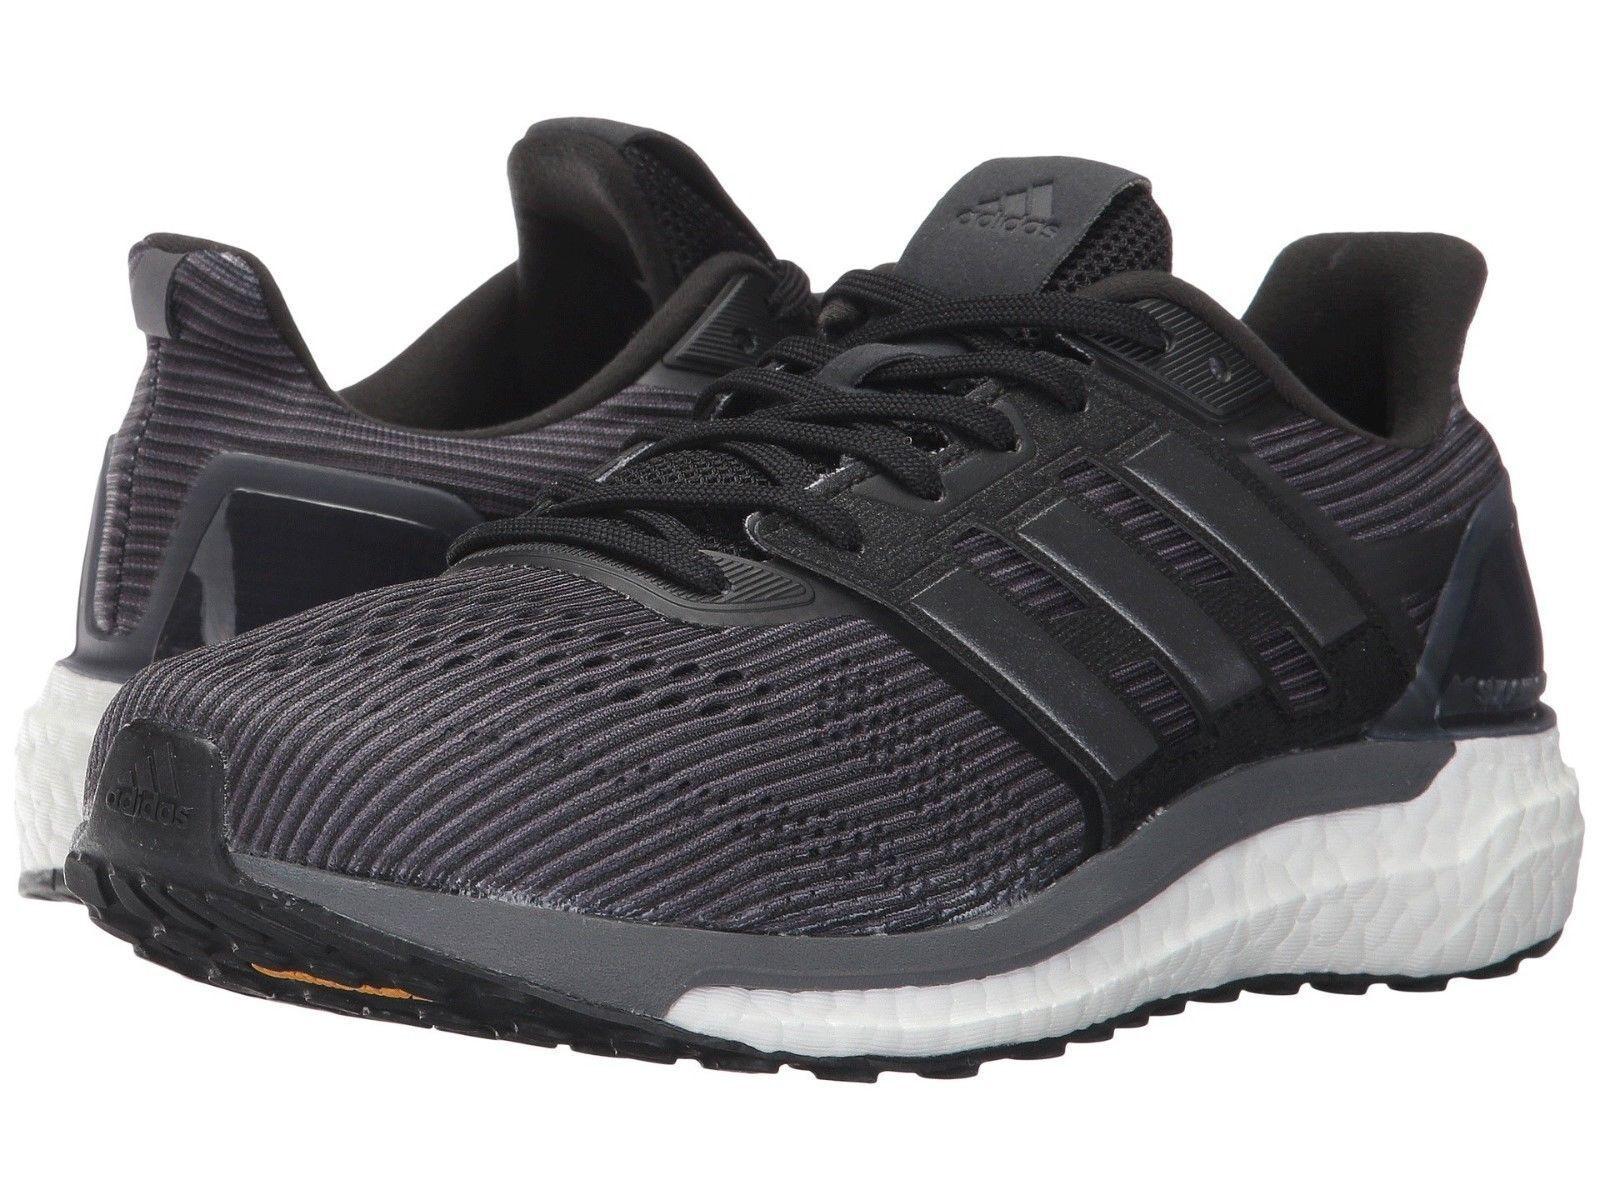 nouveau adidas supernova w, femme taille 9, 9, 9, Gris  / nuit / noir, bb3487, ad9c7d